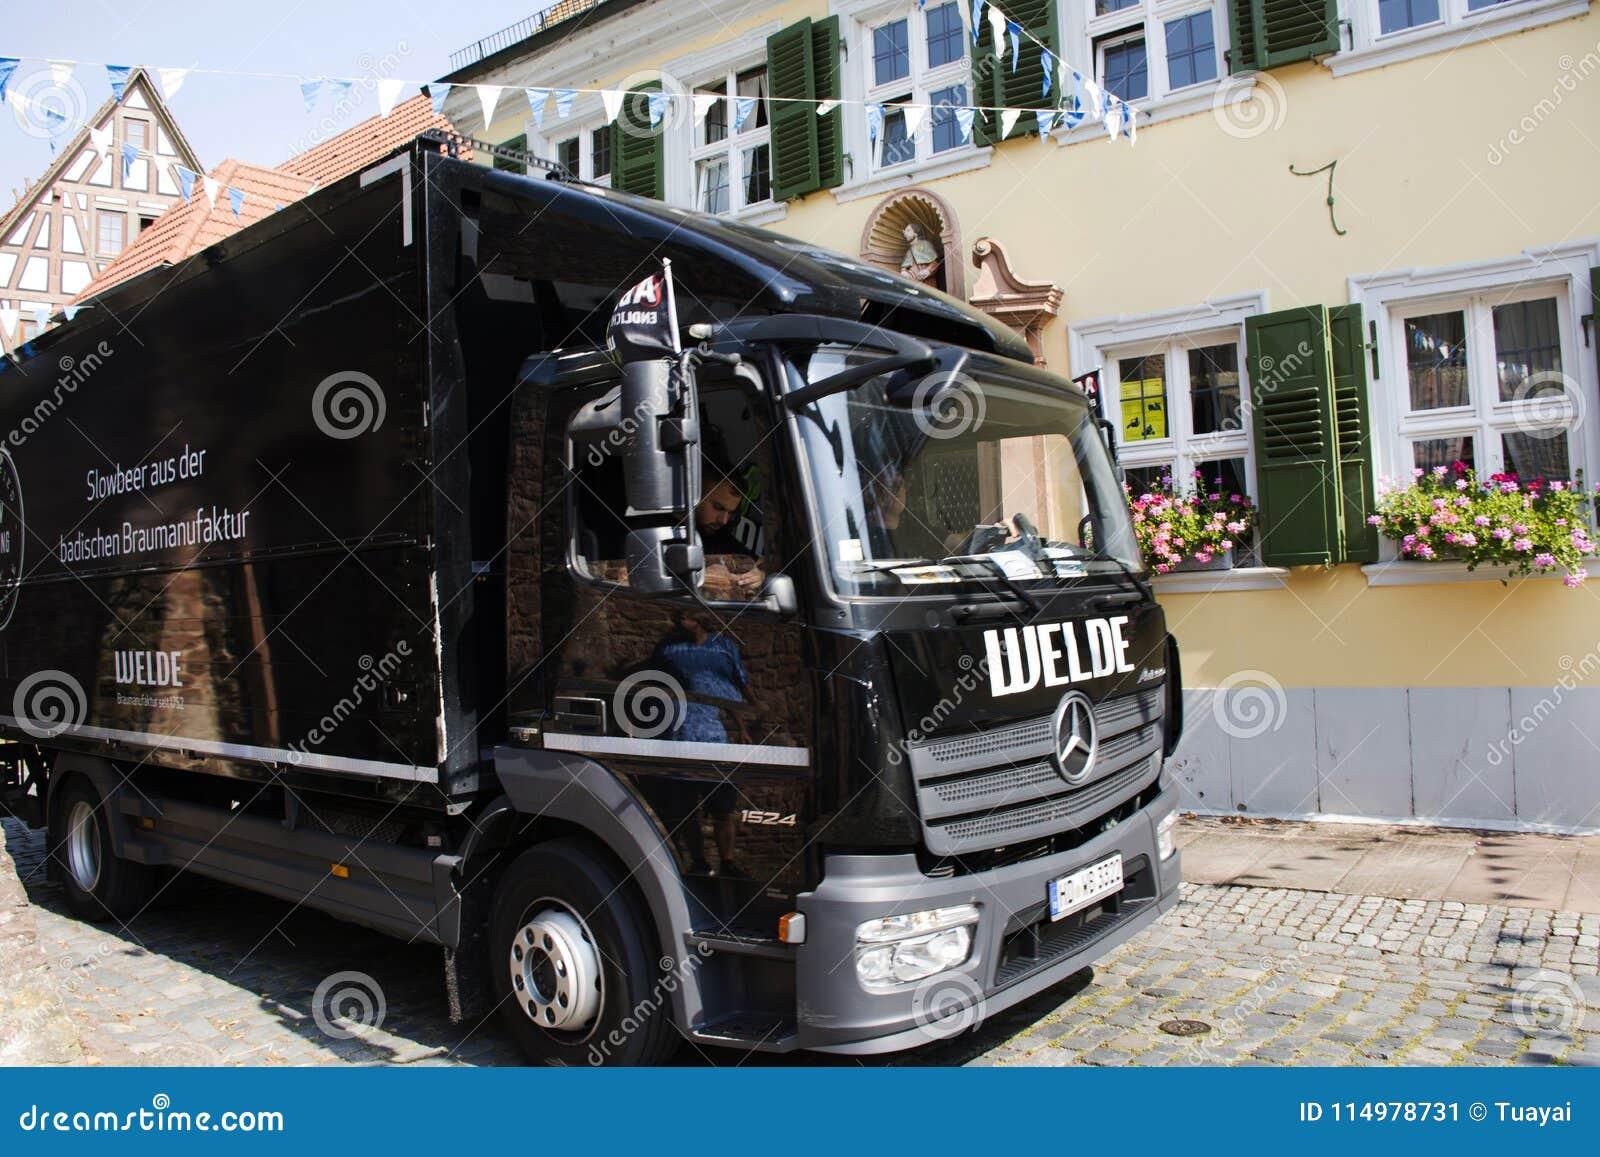 Deliver Deutsch